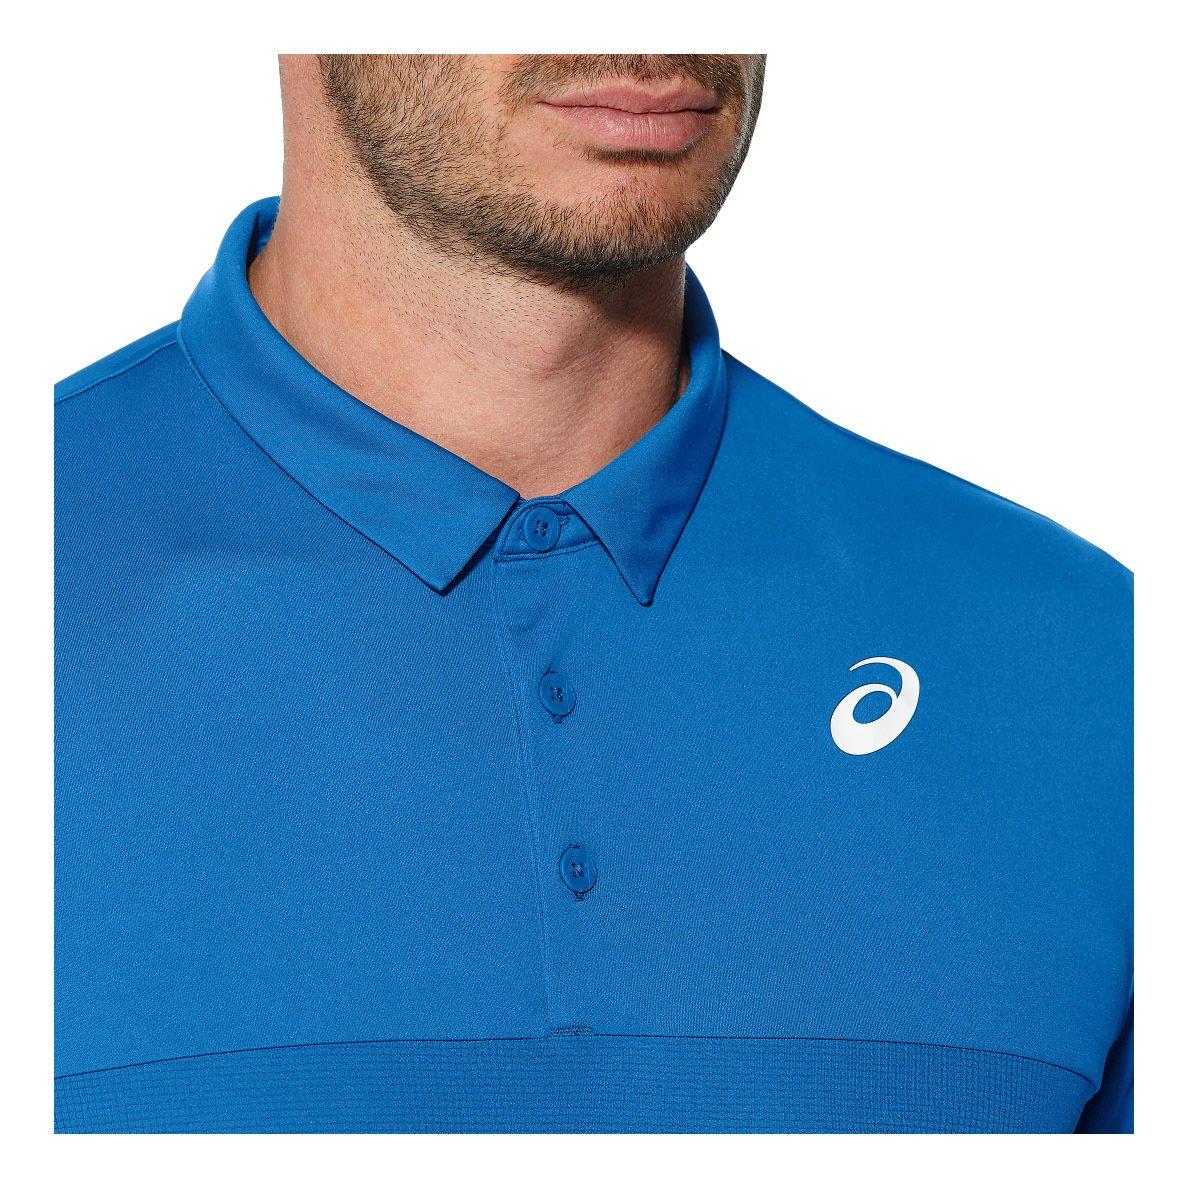 ASICS Padel Polo, Hombre, Azul (Imperial), XL: Amazon.es: Deportes y aire libre